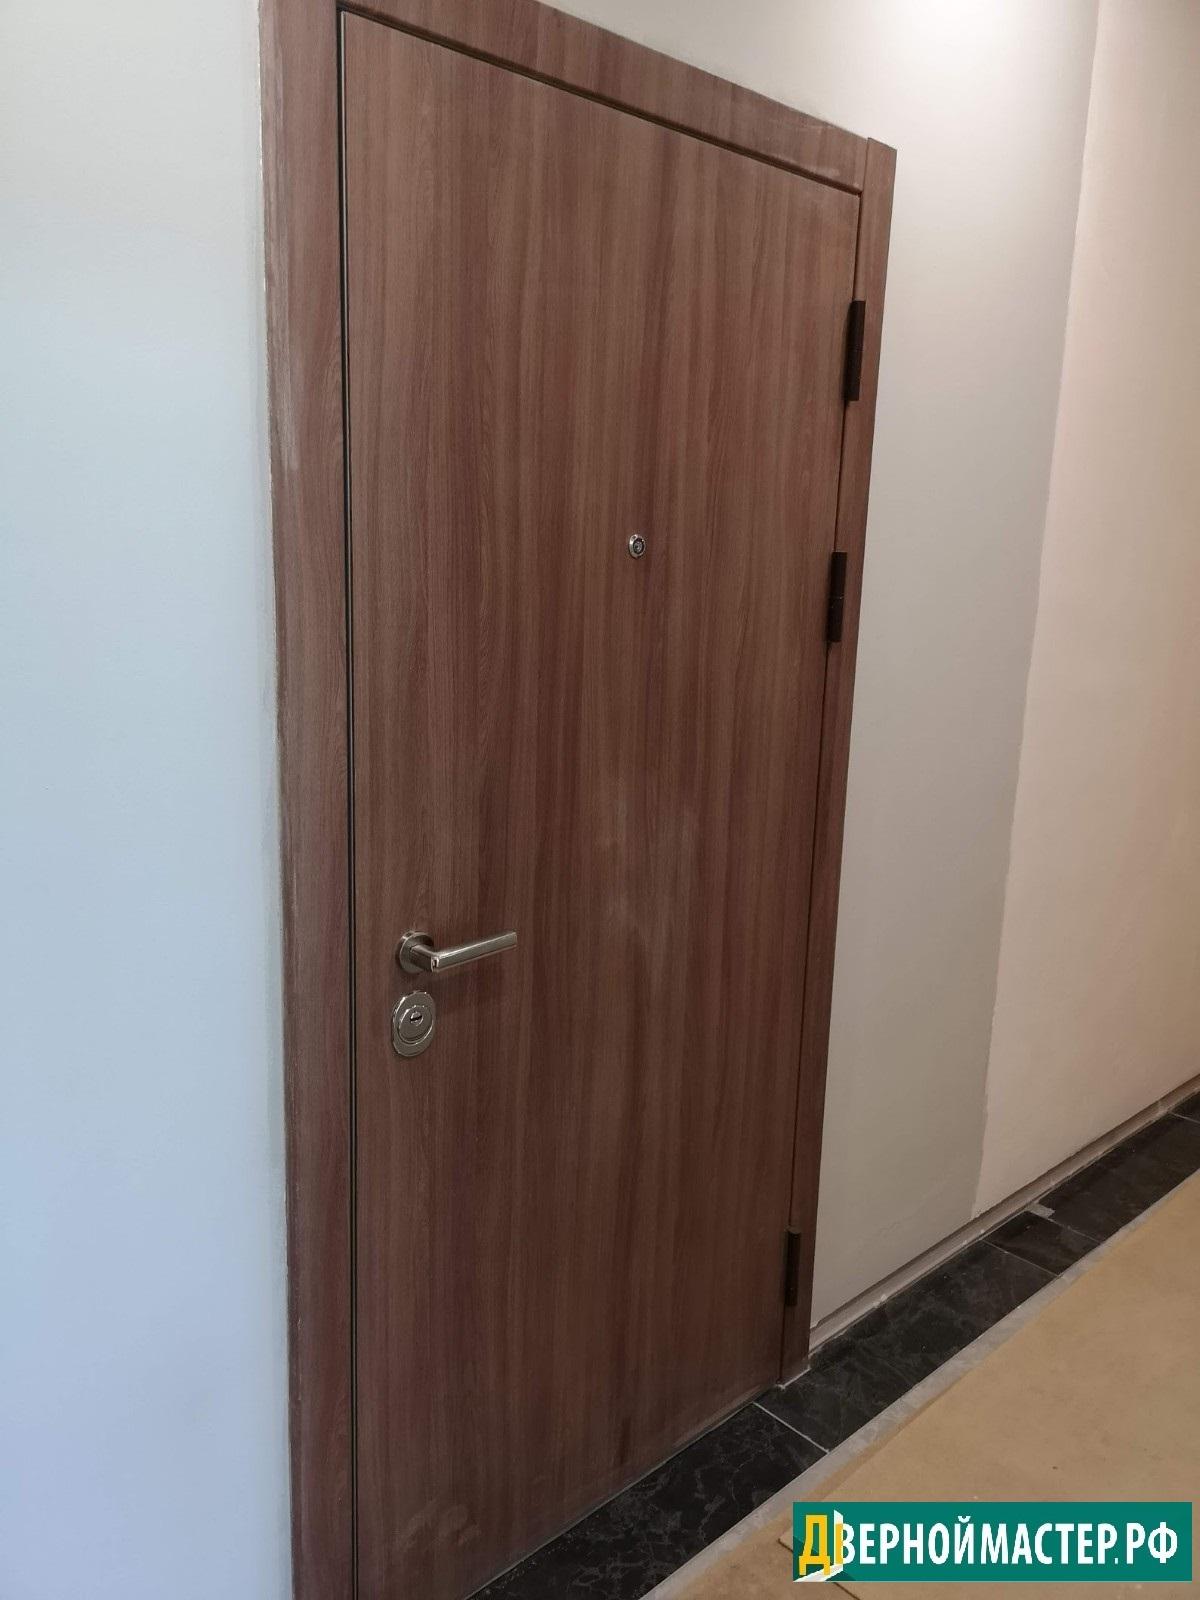 Цены на металлические двери с отделкой под дерево, гладкий МДФ без рисунка